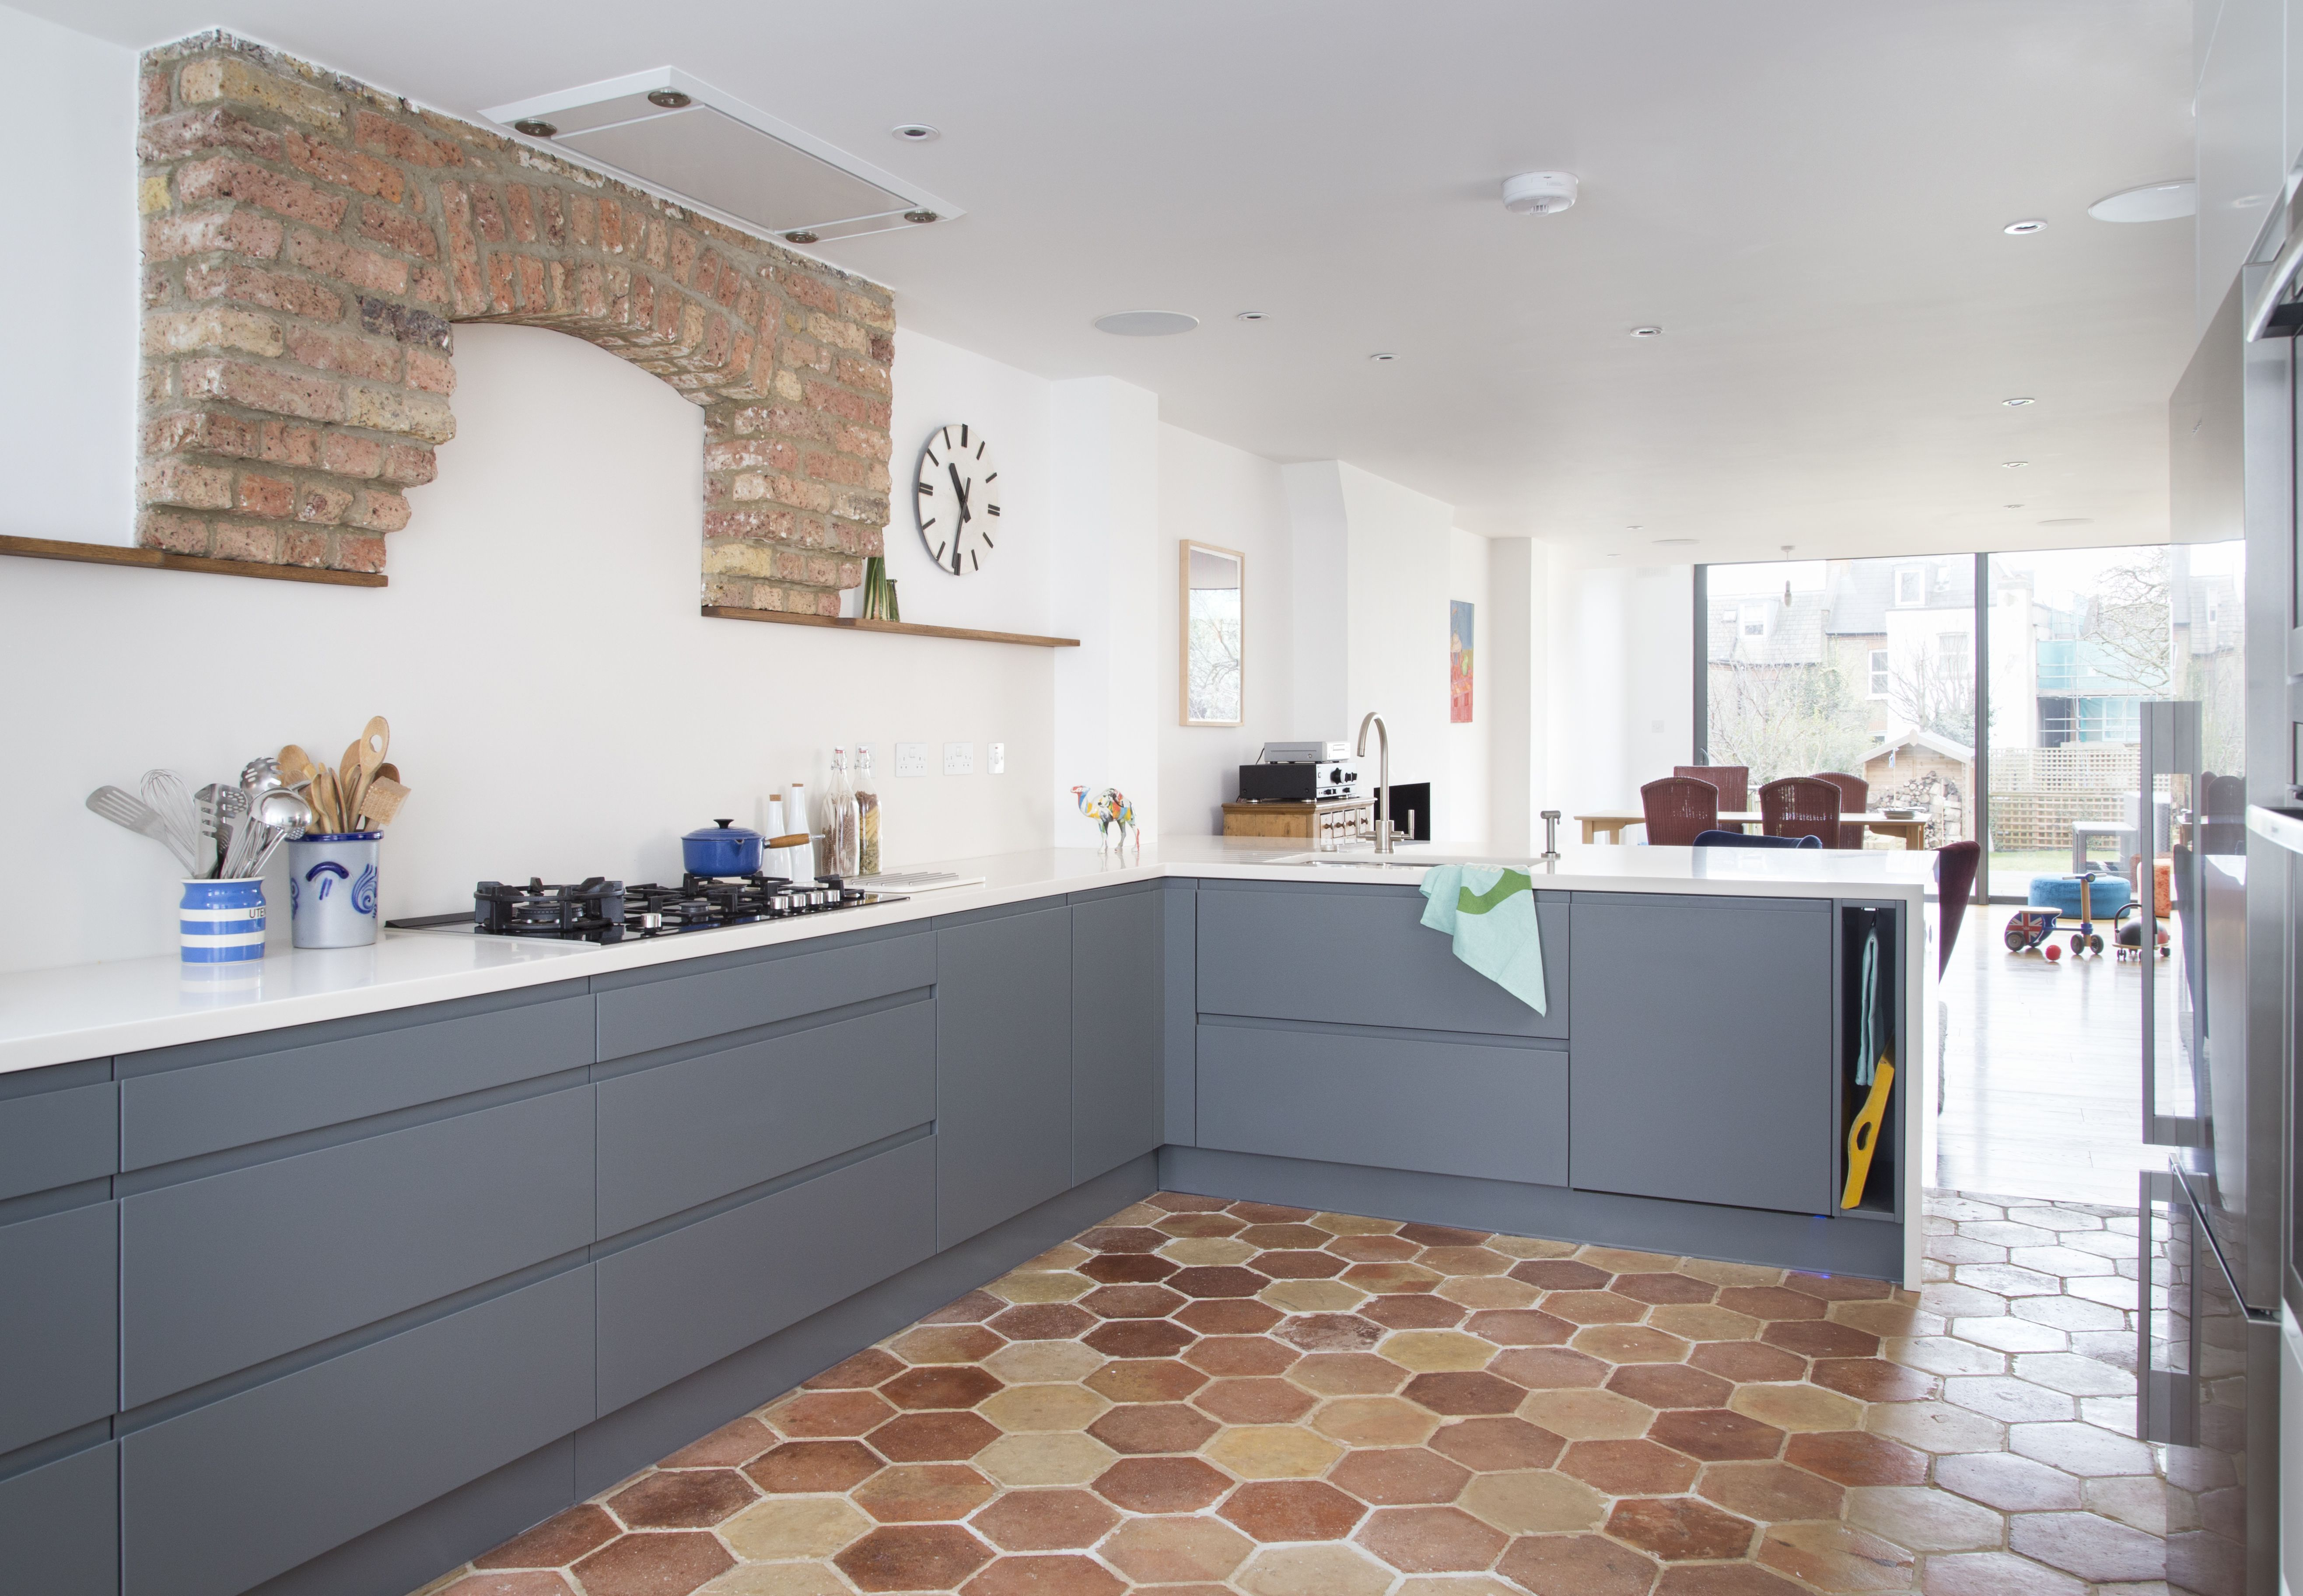 Hexagonal Terracotta Floor Tiles Bounce Off The Original Brick Work